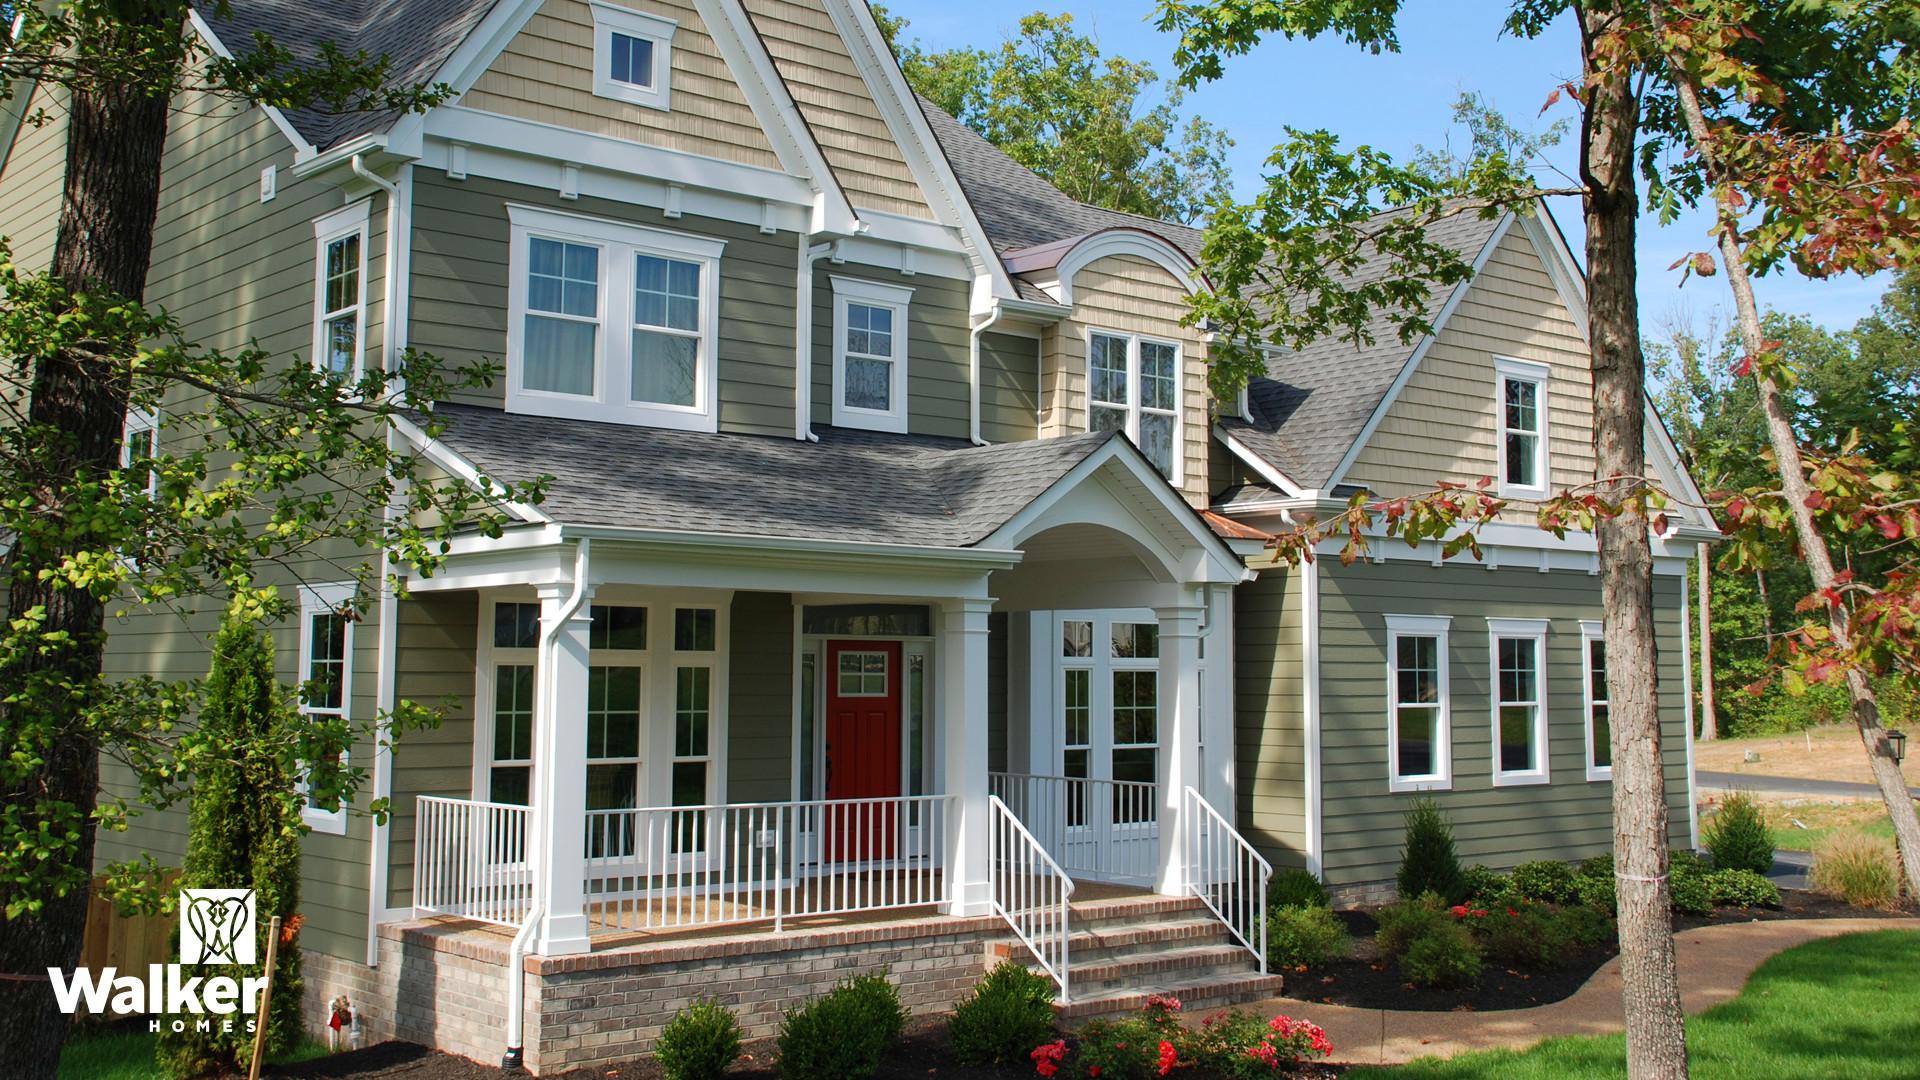 The Winstead II by Walker Homes in Glen Allen, Virginia